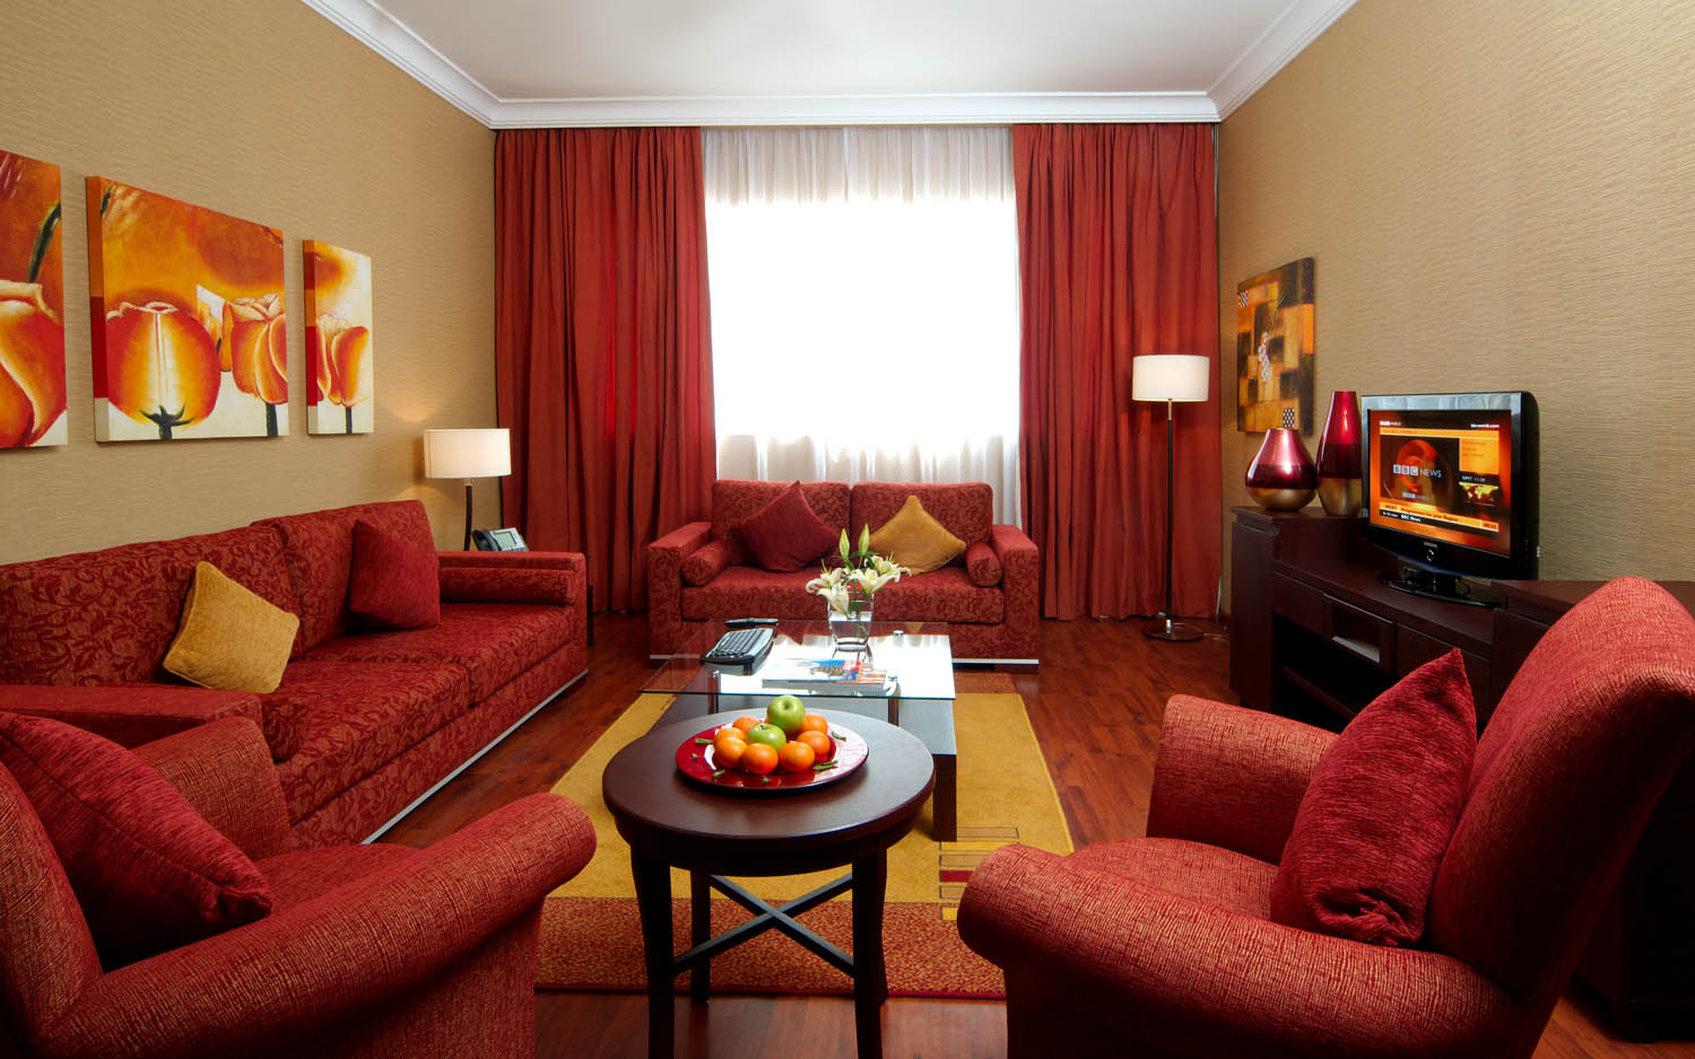 Интерьер комнаты в бордовом цвете фото